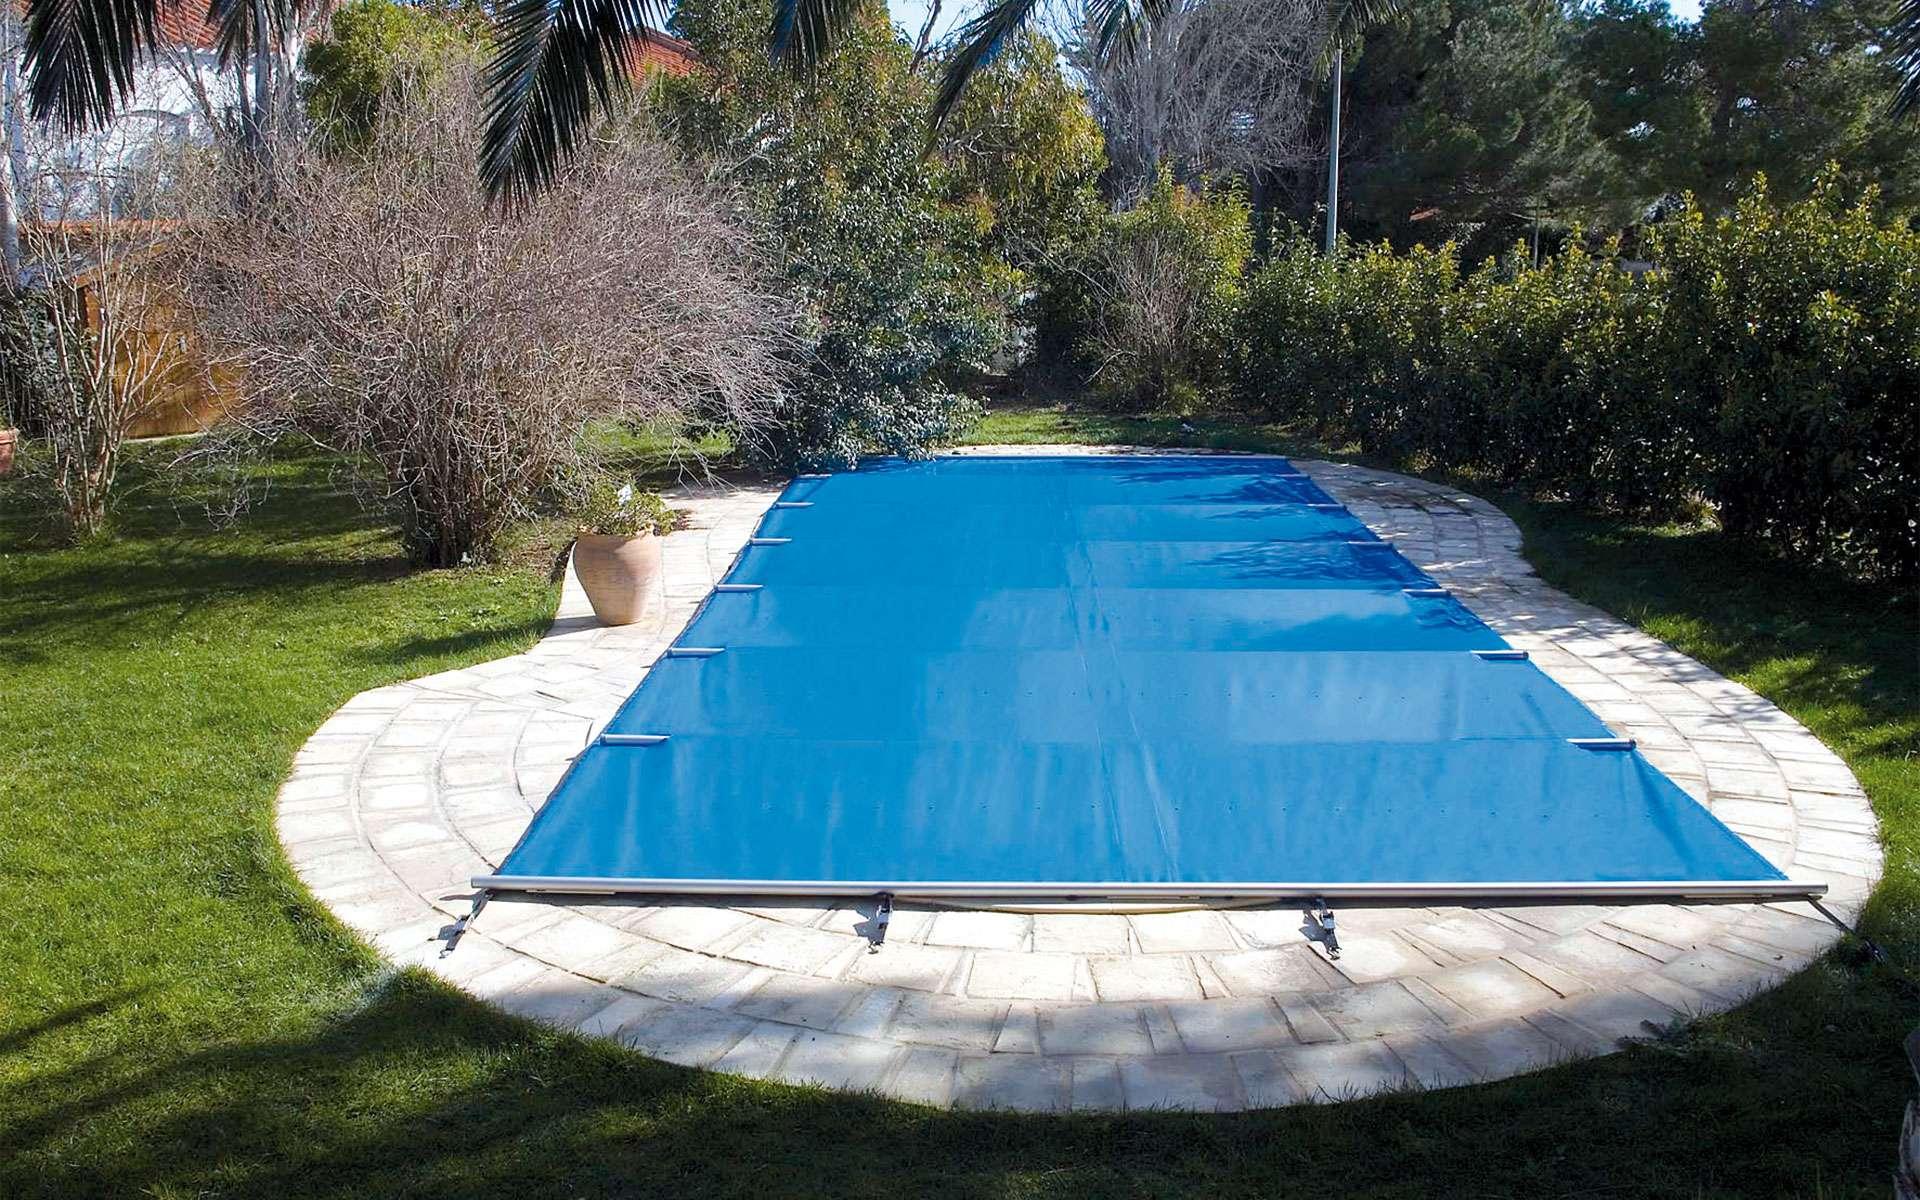 Bâche à bulles, couverture d'hivernage, bâche filet… Comment bien protéger sa piscine ? © Aquapolis